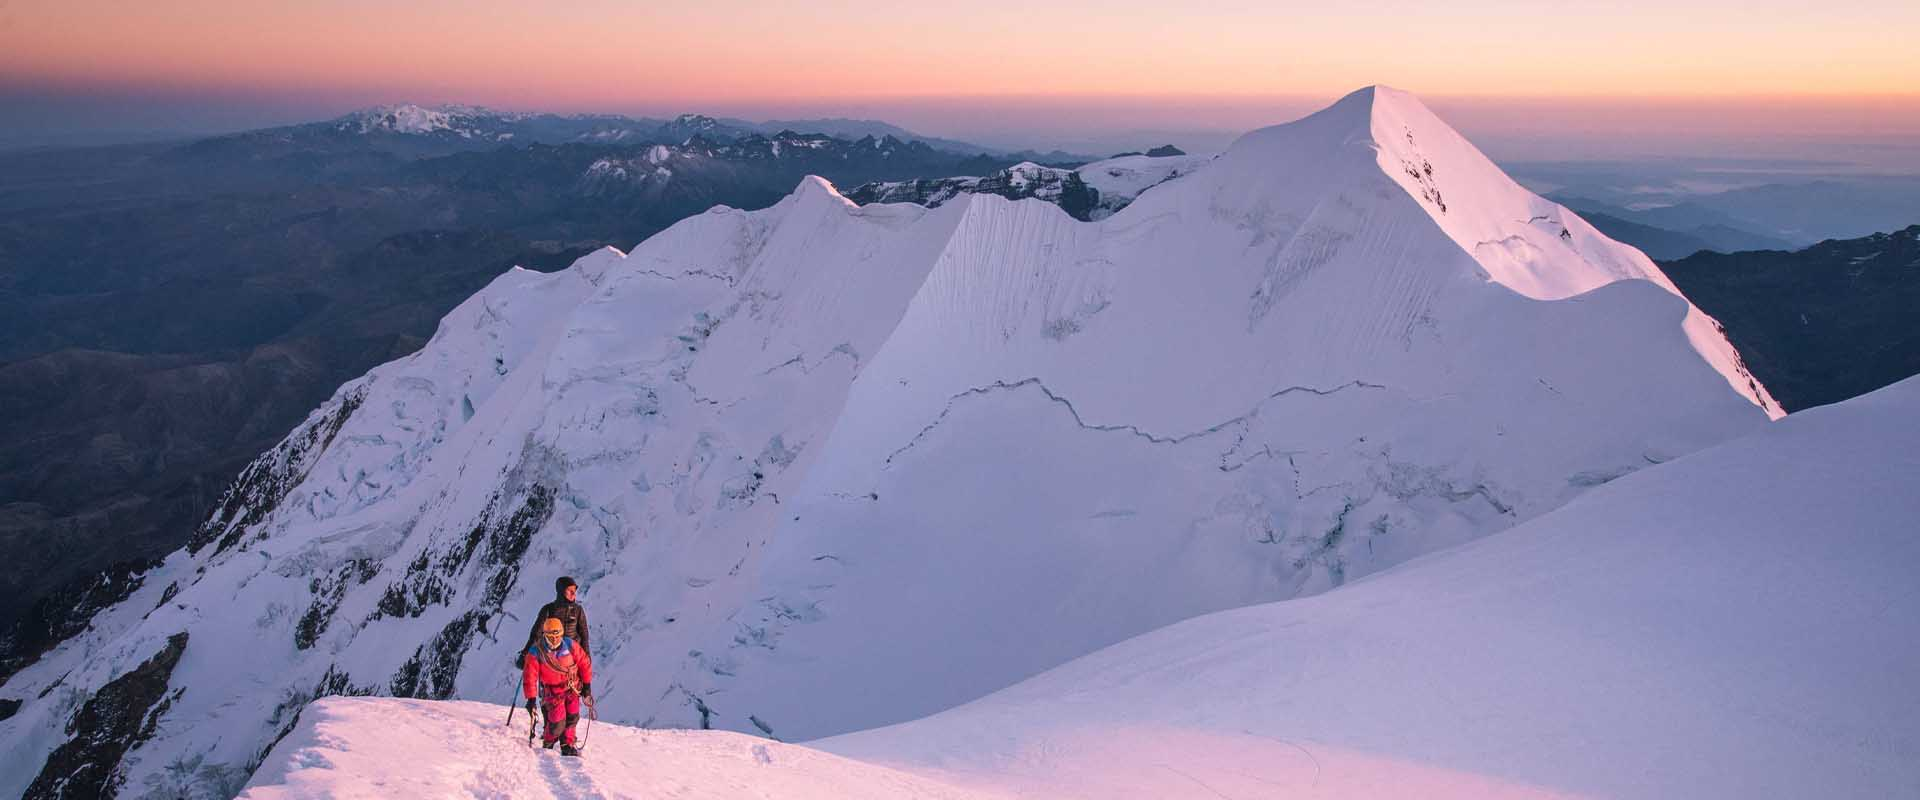 Mount Trail offre des produits ultralégers en cuben fiber, dyneema composite fiber comme des tentes, sacs de couchage et quilts. Les produits sont fabriqués au Québec et Canada.